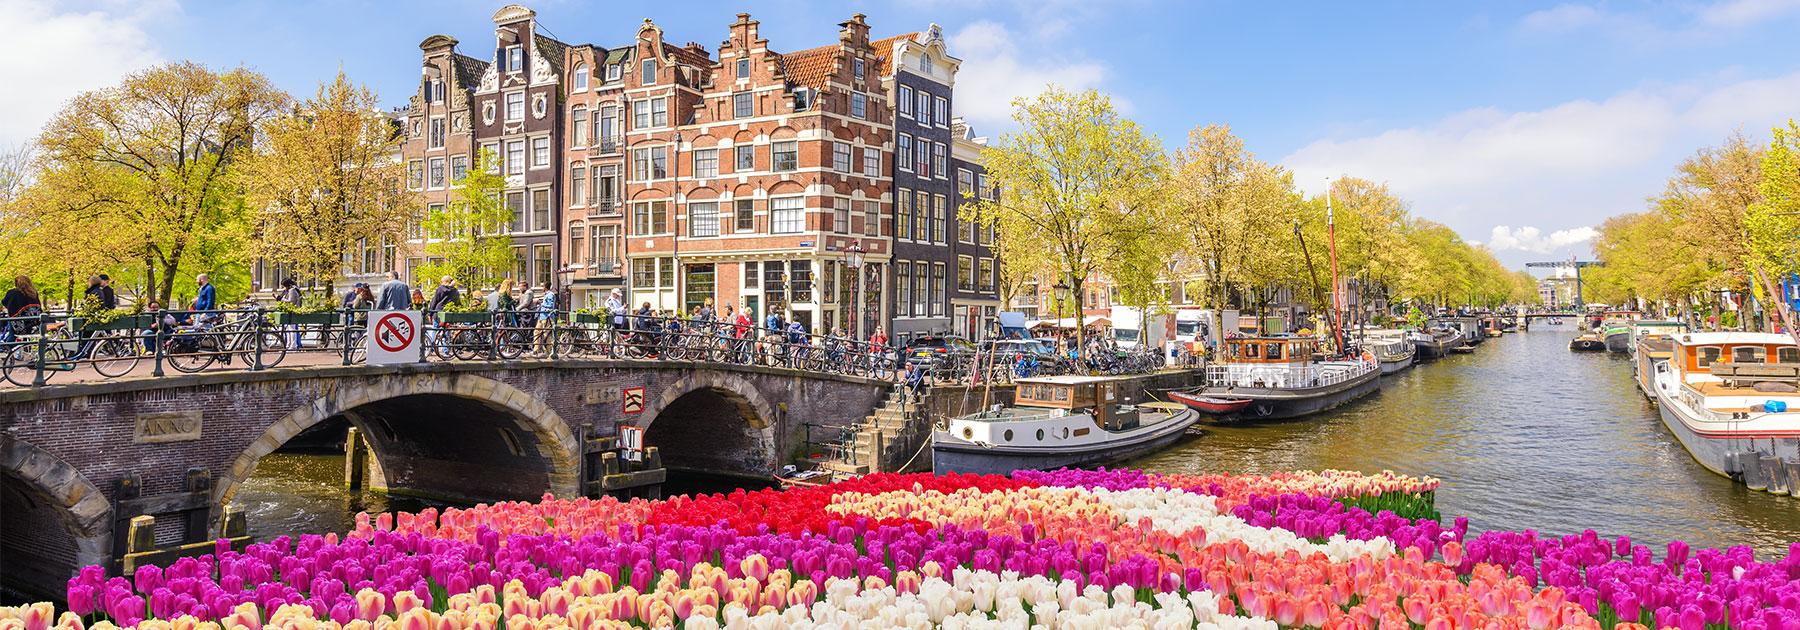 Image result for NETHERLANDS